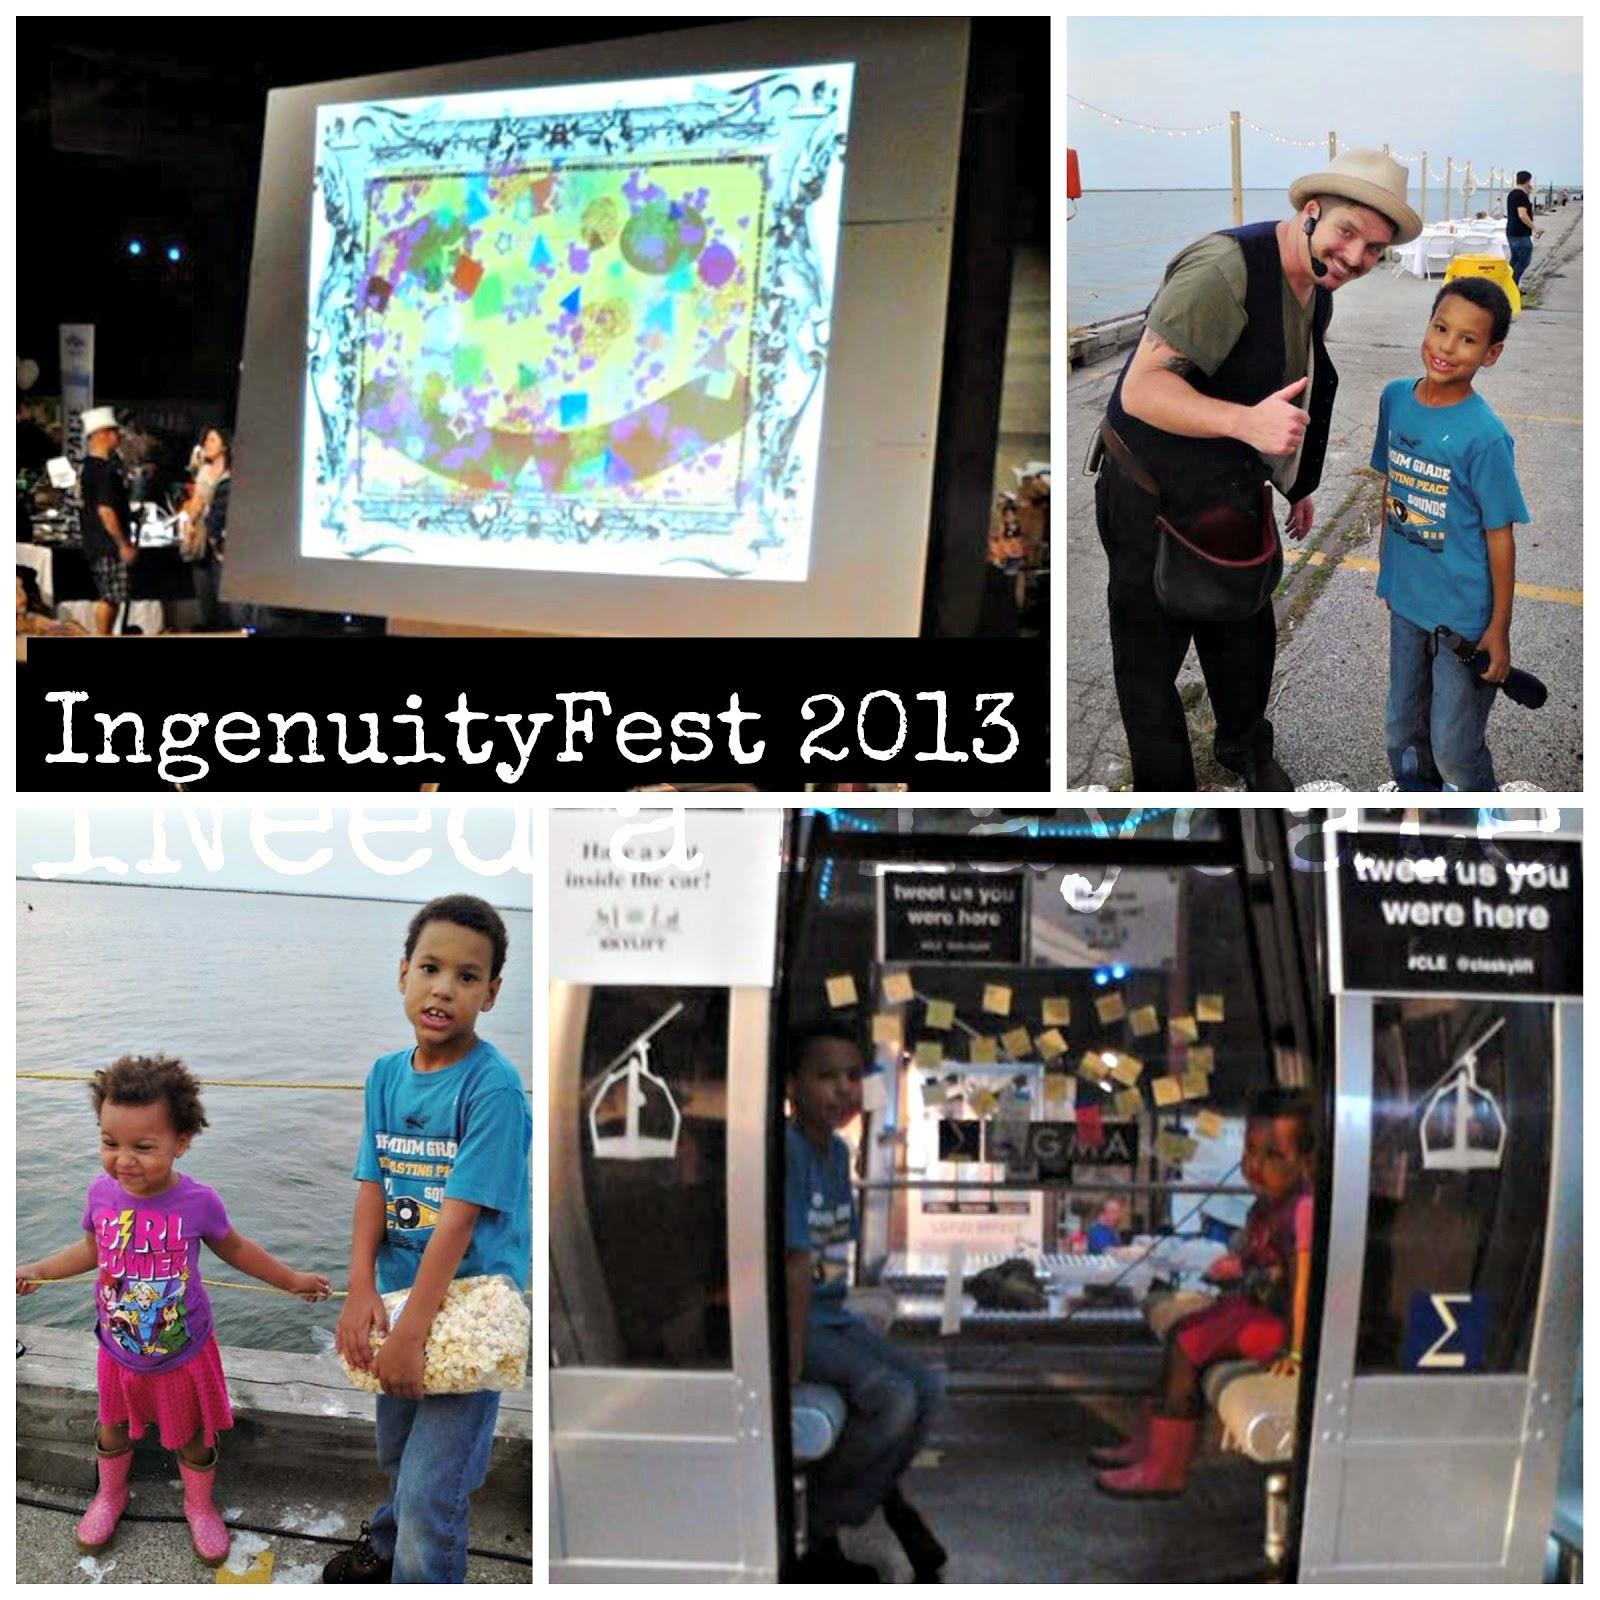 Ingenuity Fest 2013